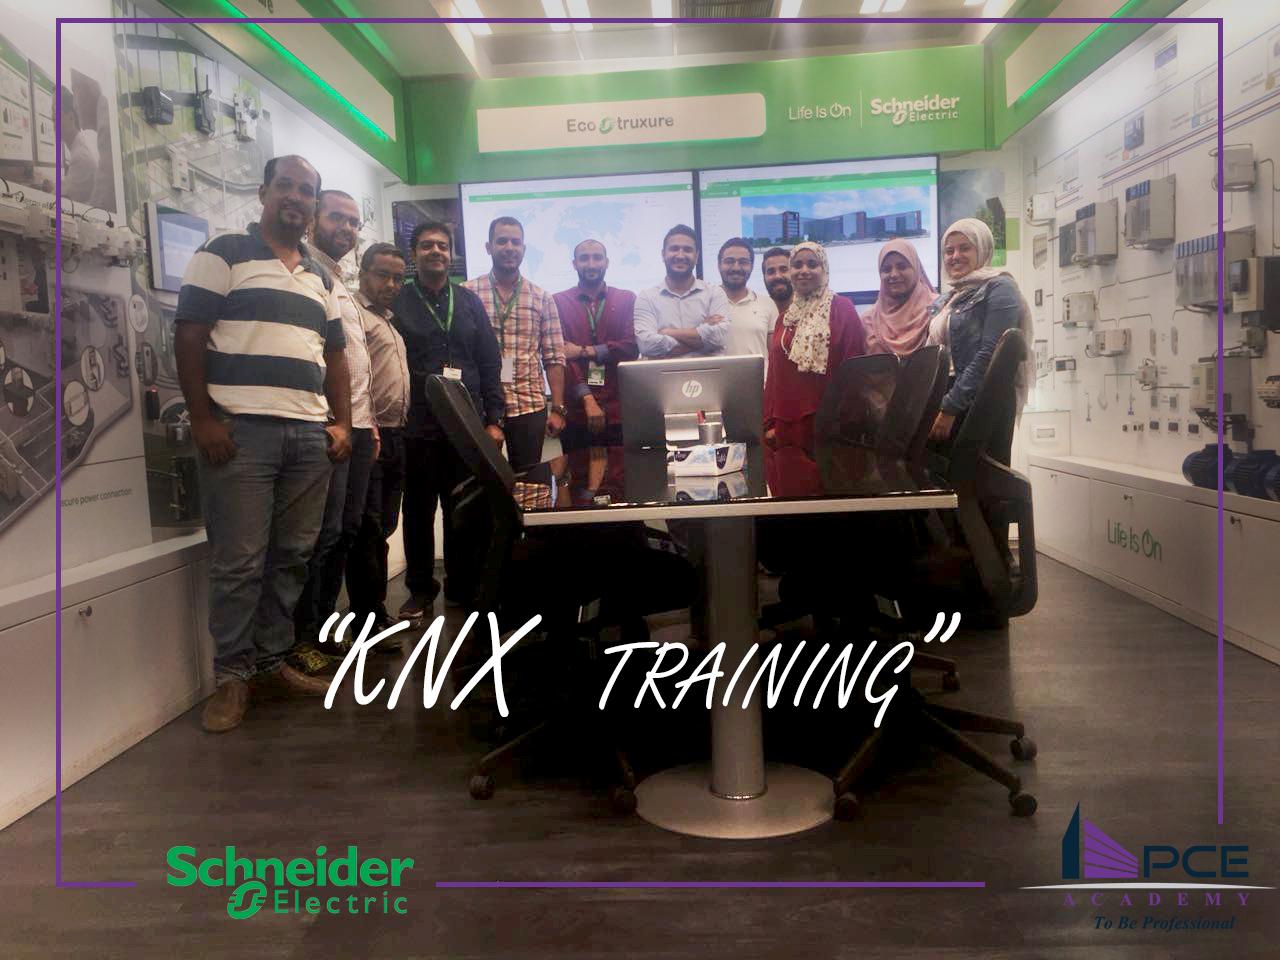 Schneider's Training – PCE Academy